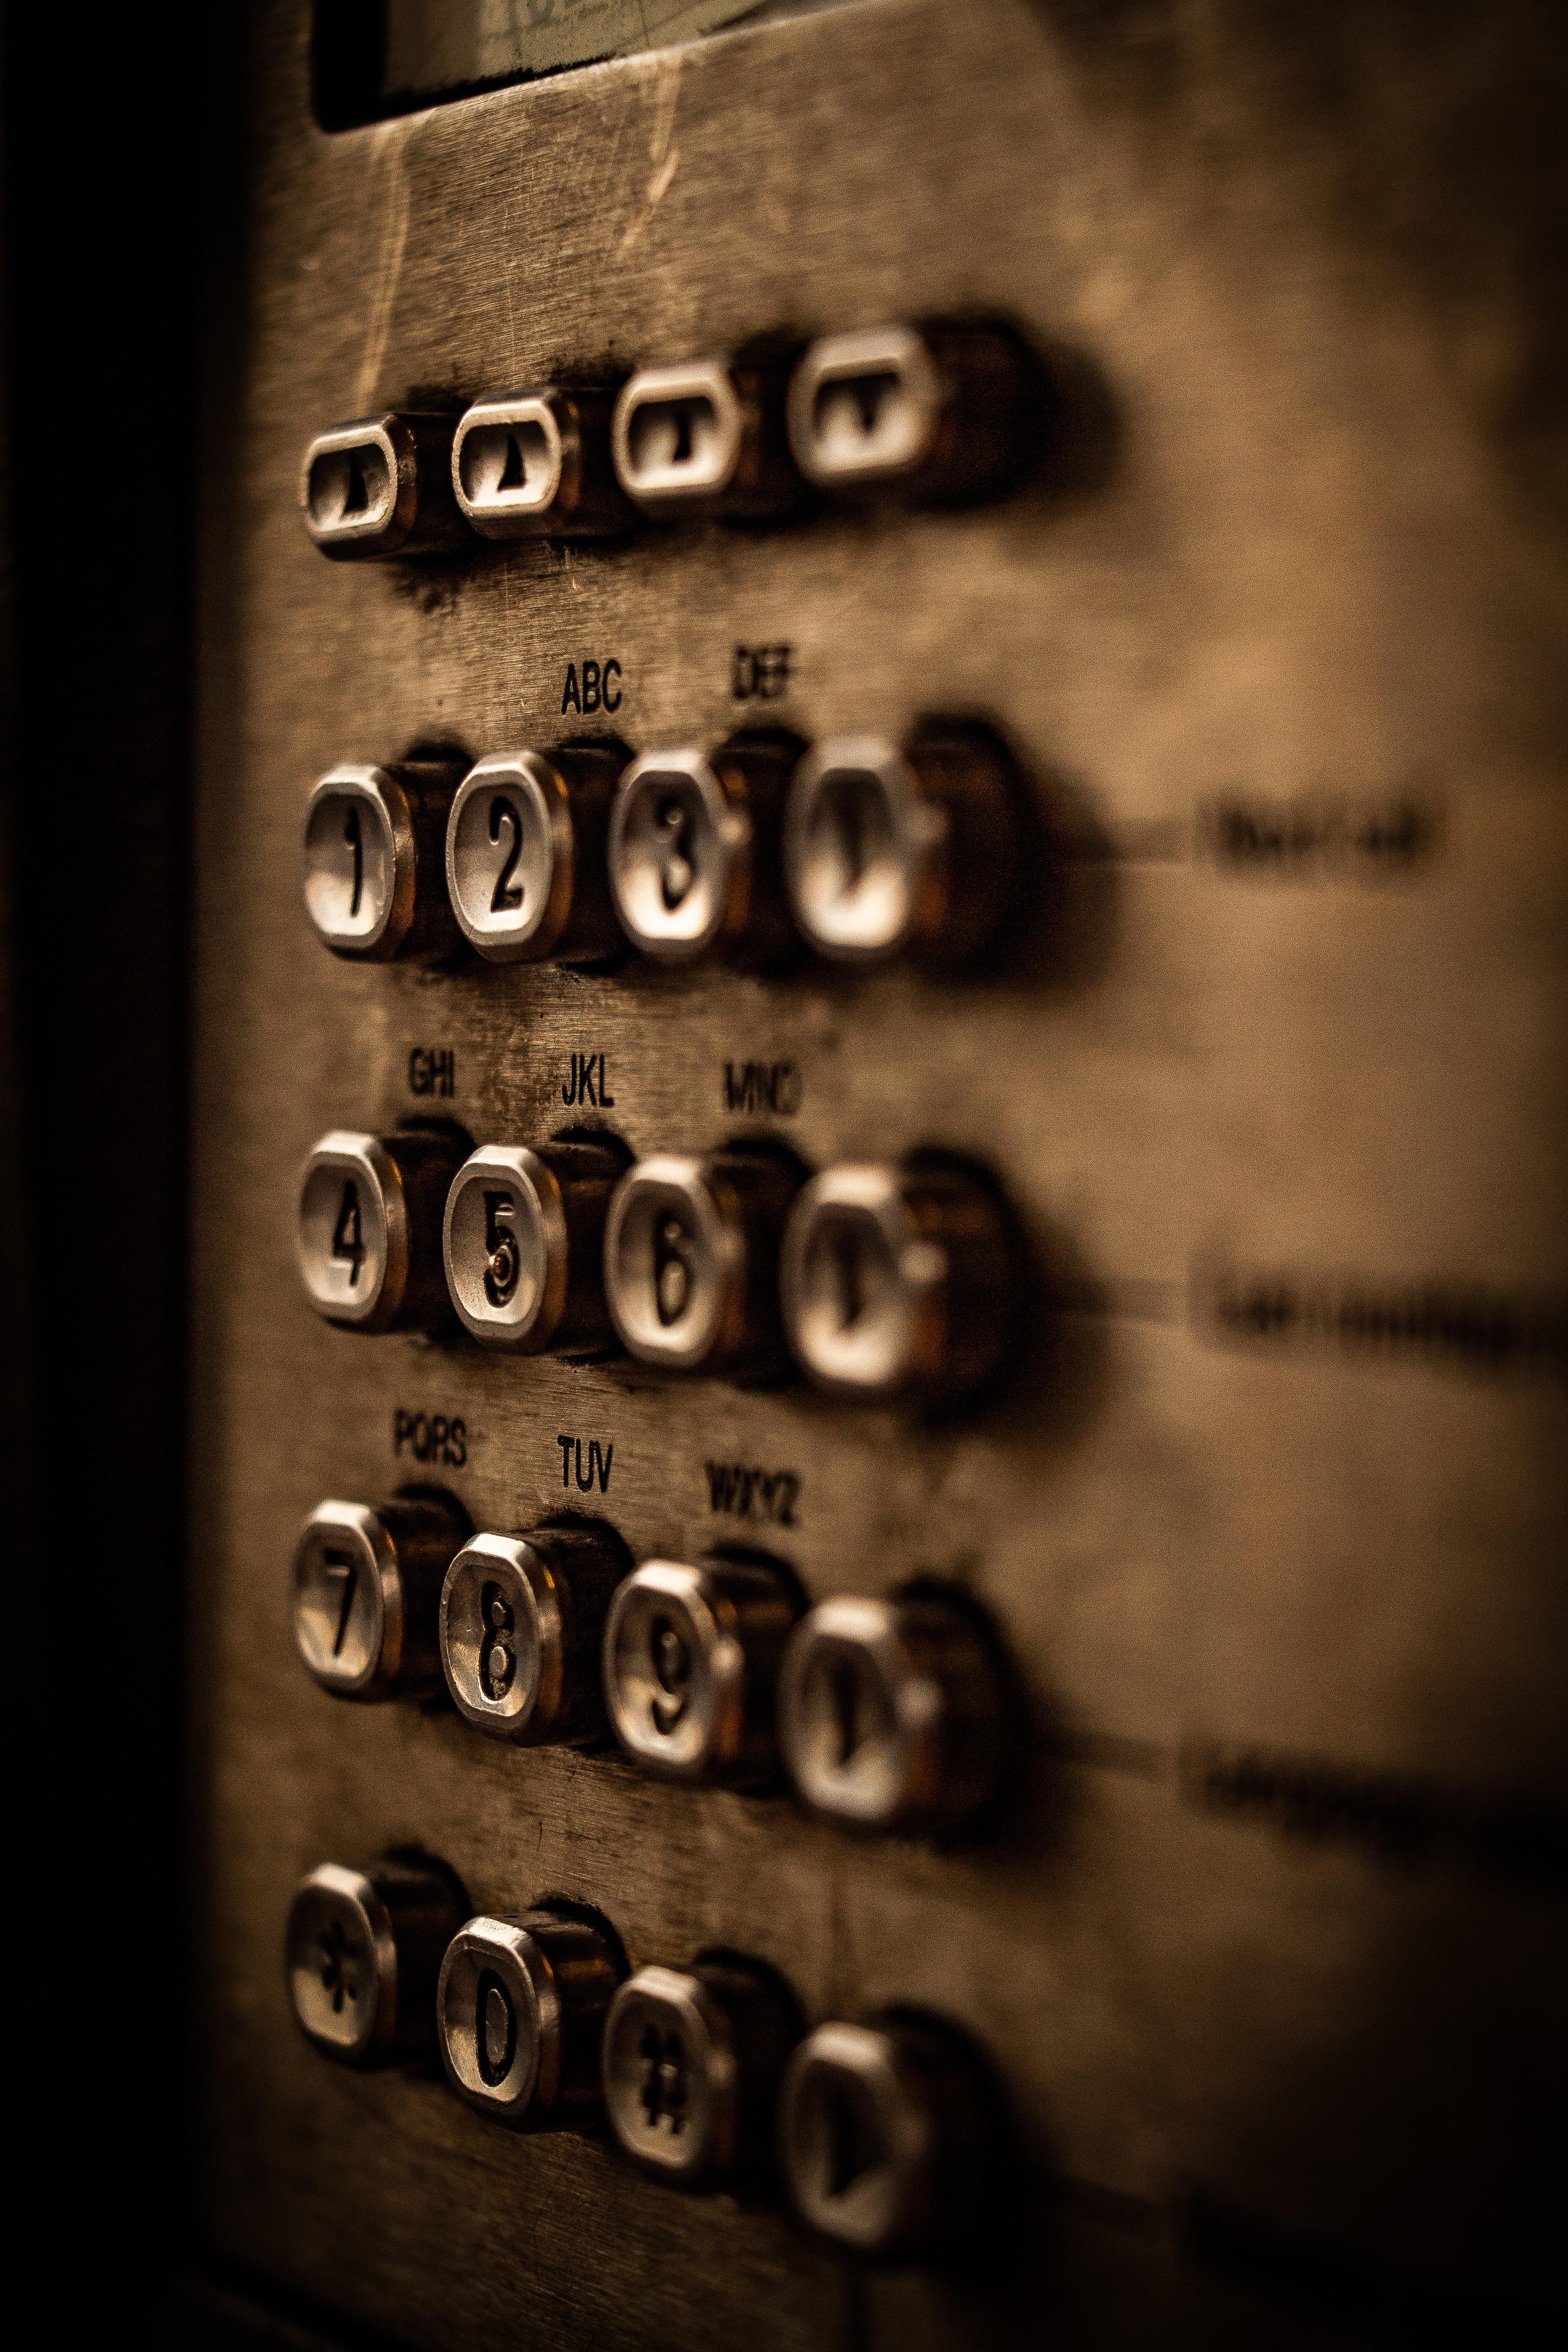 64118 Hintergrundbild herunterladen Symbole, Zeichen, Verschiedenes, Sonstige, Metall, Tasten, Schaltflächen, Zahlen, Briefe, Buchstaben, Tastatur - Bildschirmschoner und Bilder kostenlos